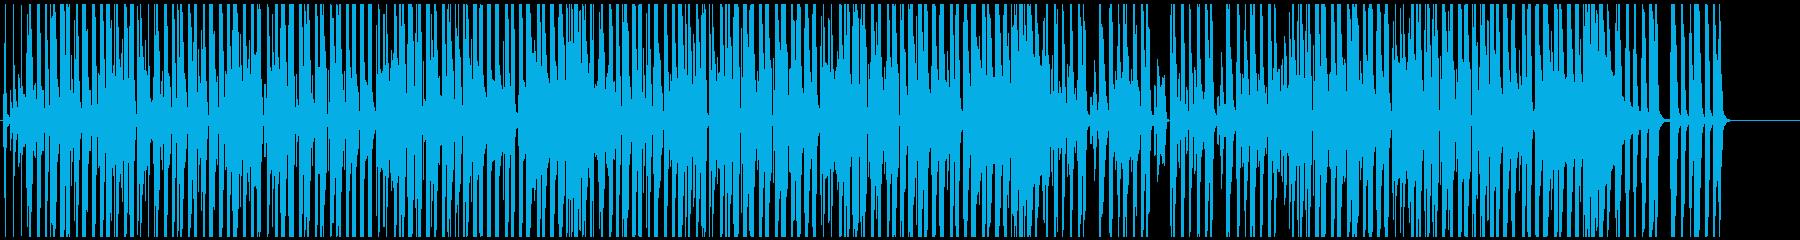 映像BGM ユルめでかわいいレゲエの再生済みの波形